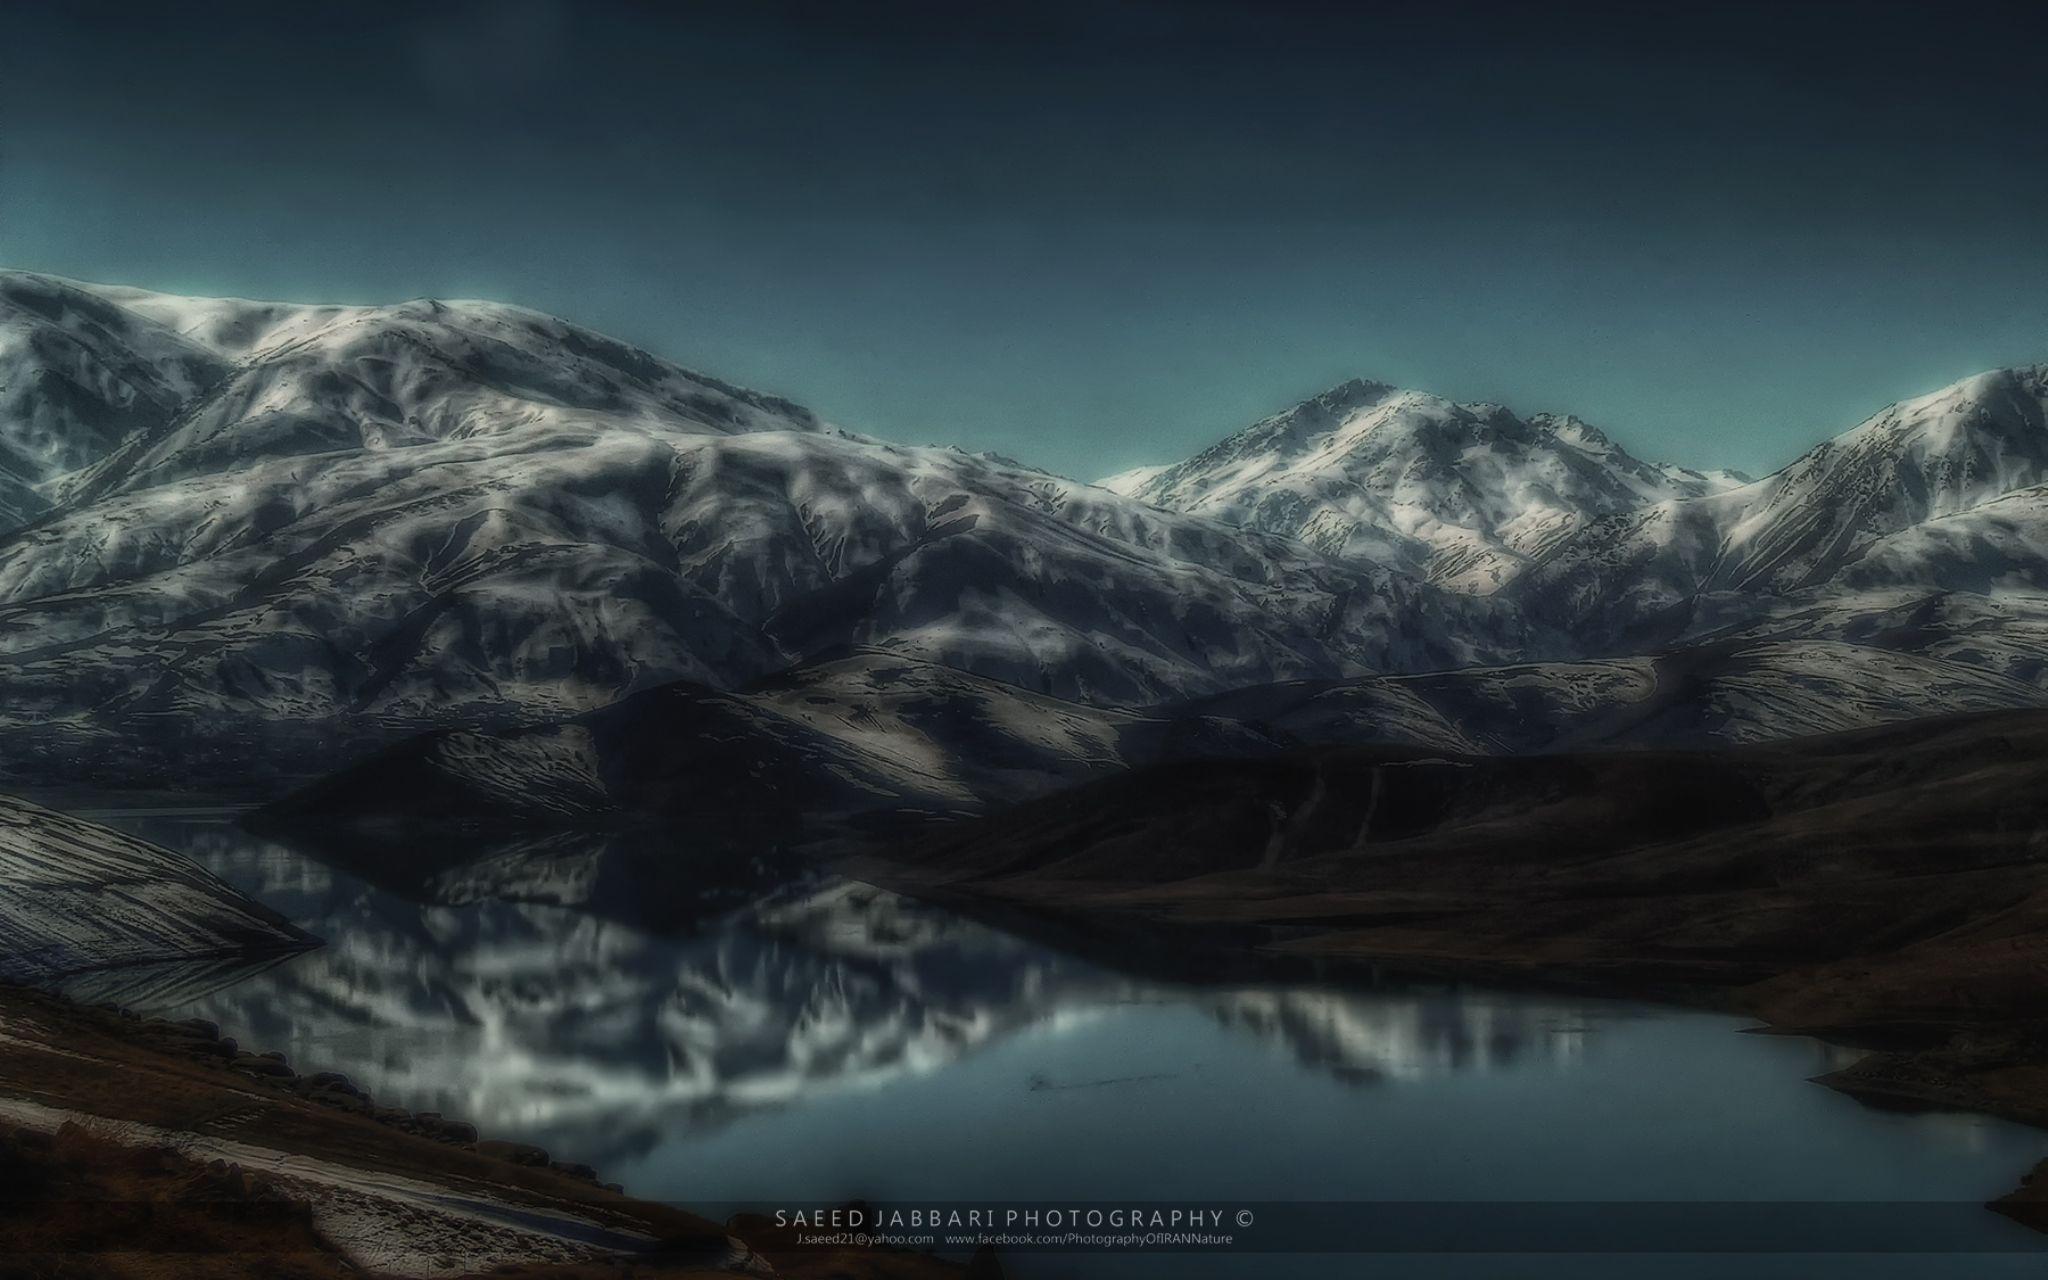 Cold winter at the lake by Saeed Jabbari